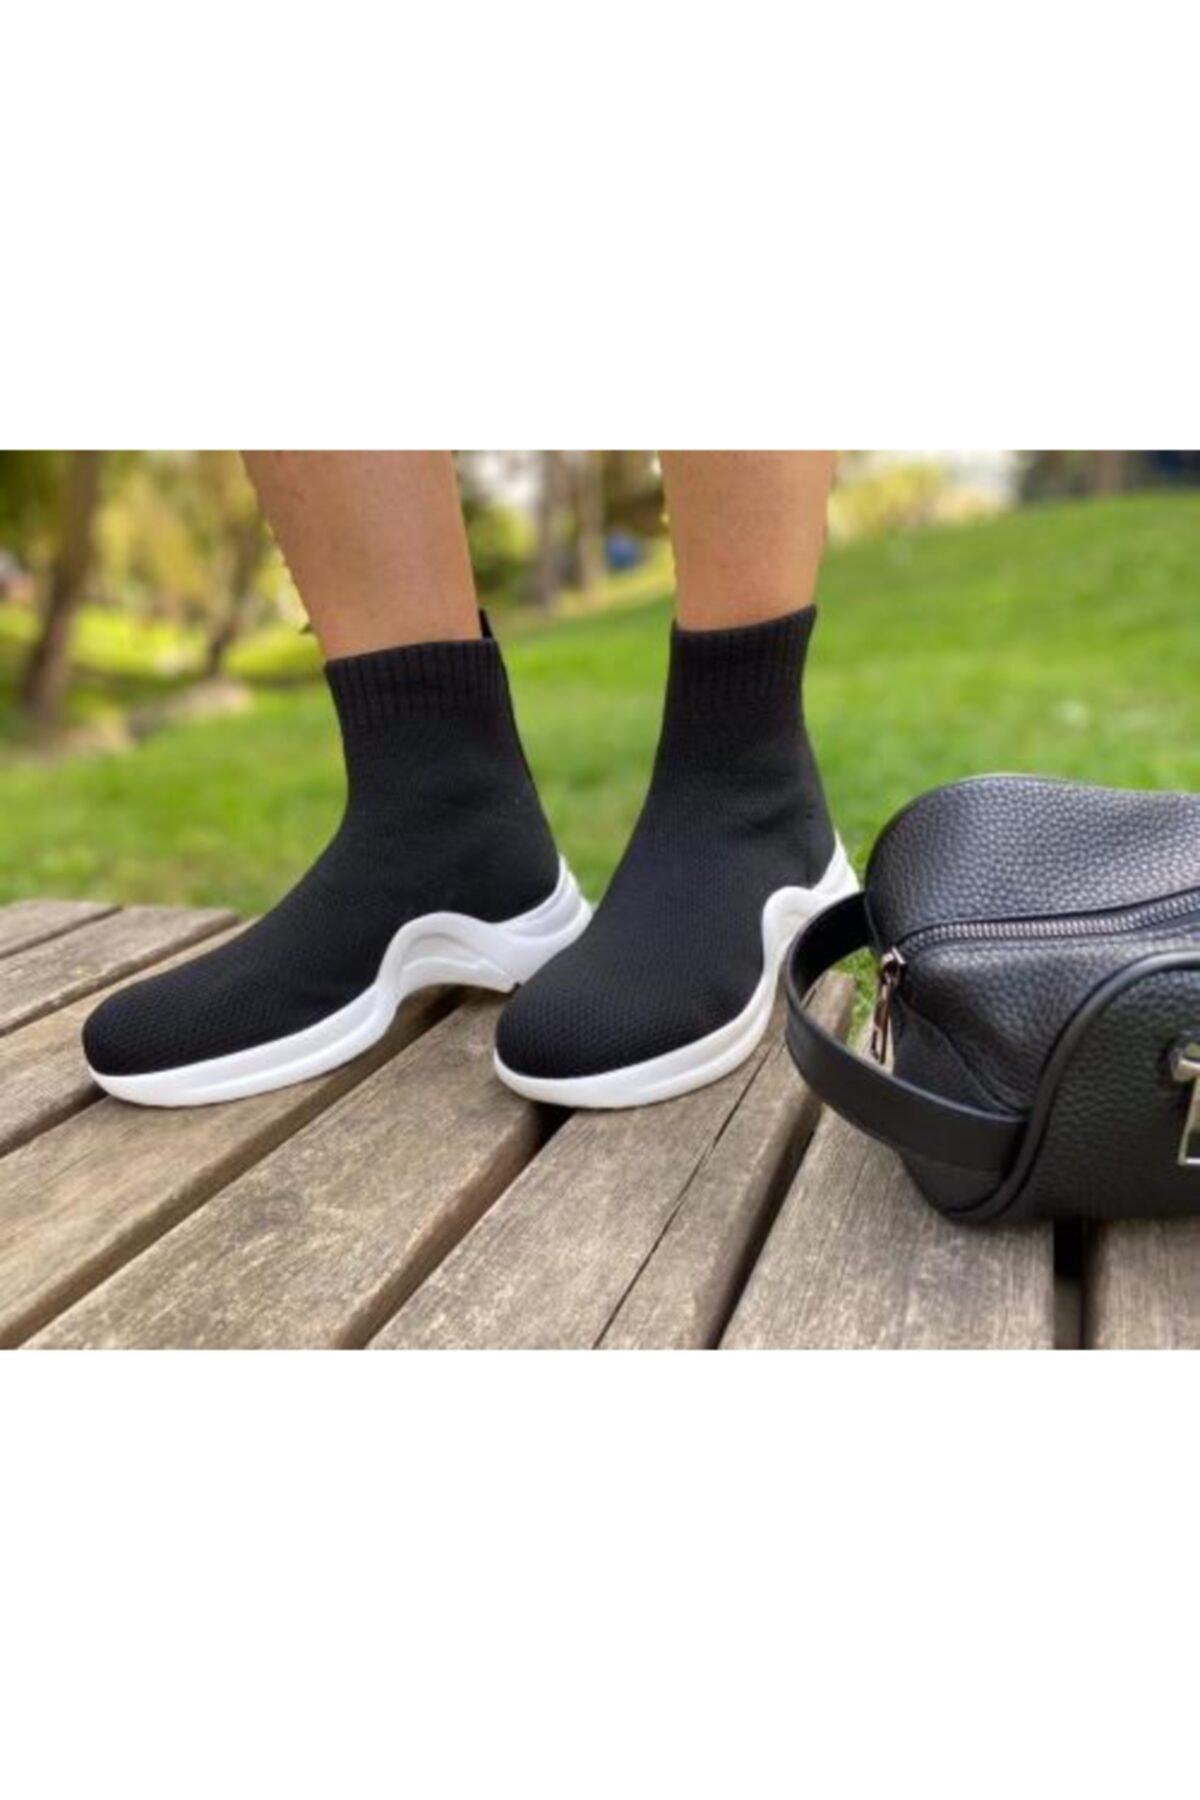 selinyükselshoes Kadın Siyah Triko Spor Ayakkabı